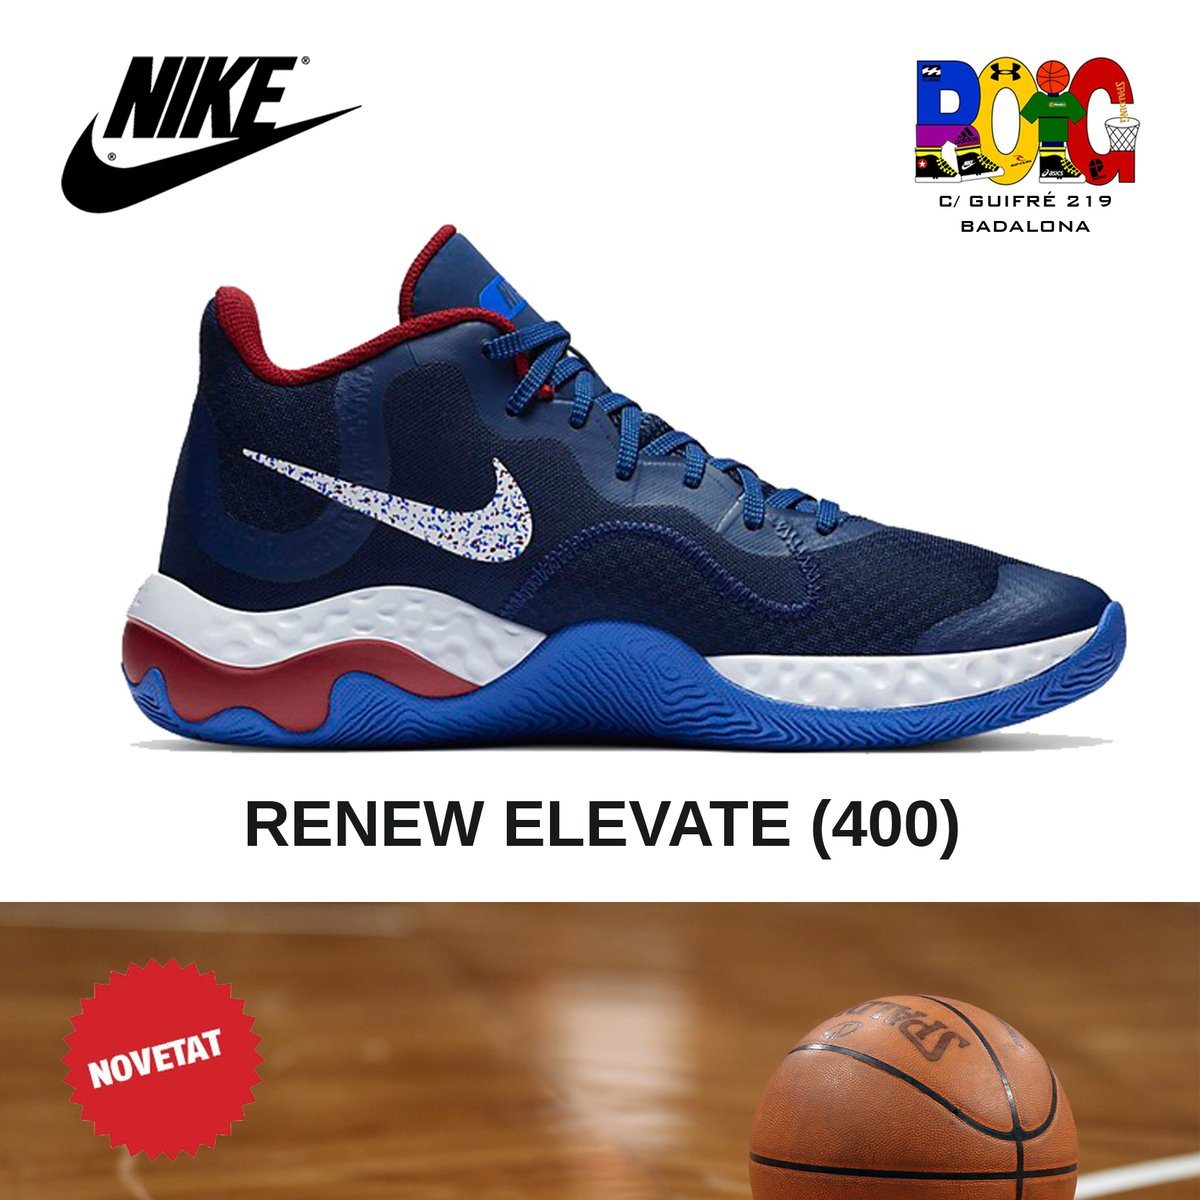 📢 NOVETATS en vambes 👟 de bàsquet 🏀️ per a adults: les Nike RENEW ELEVATE (400) Disponibles a la botiga o a la web 💻 en https://t.co/2tMBtOfHiL #nike #bàsquet #jordiroig #badalona https://t.co/VLw7OxIUXB